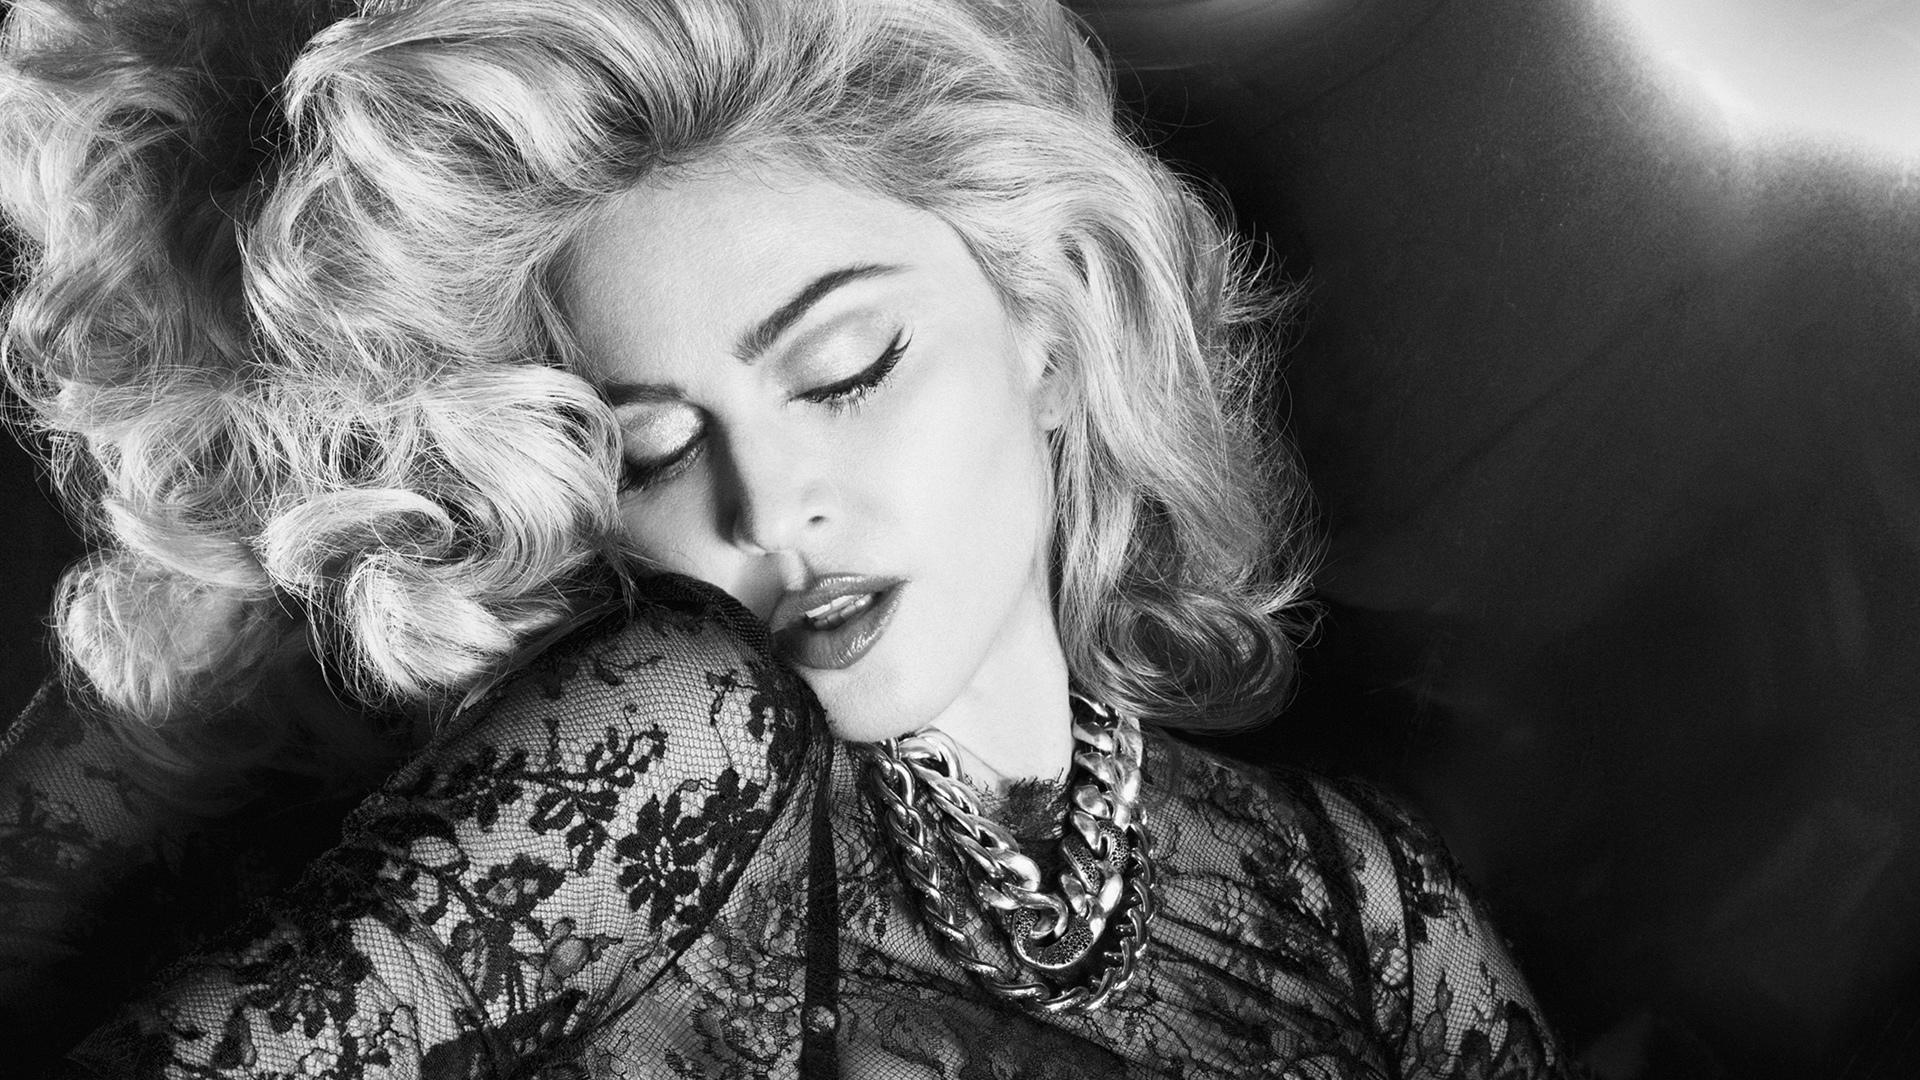 21 fondos de pantalla de madonna wallpapers hd gratis - Madonna hd images ...